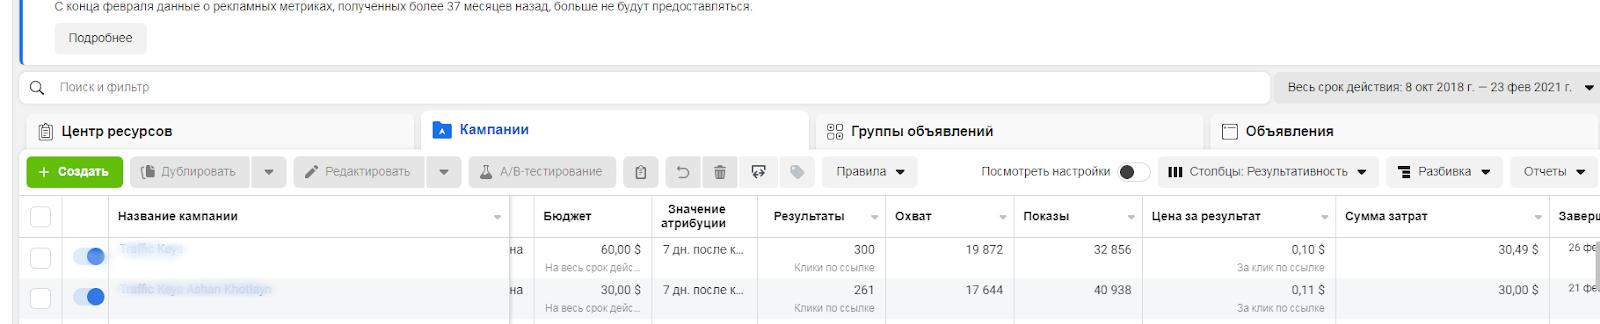 Чому статистика в Google Analytics показує менше сеансів, ніж Facebook Ads Manager кліків